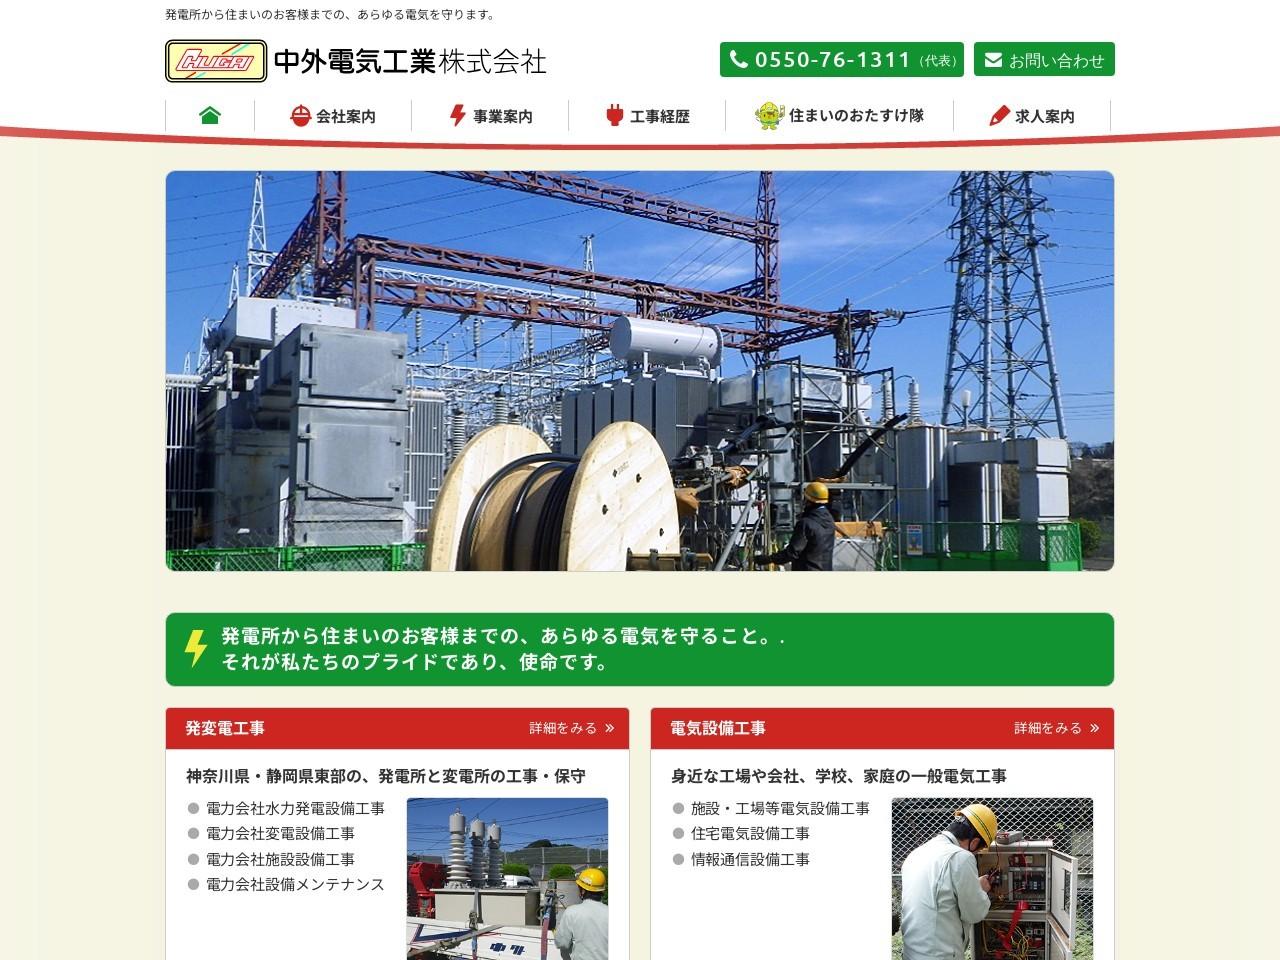 中外電気工業株式会社